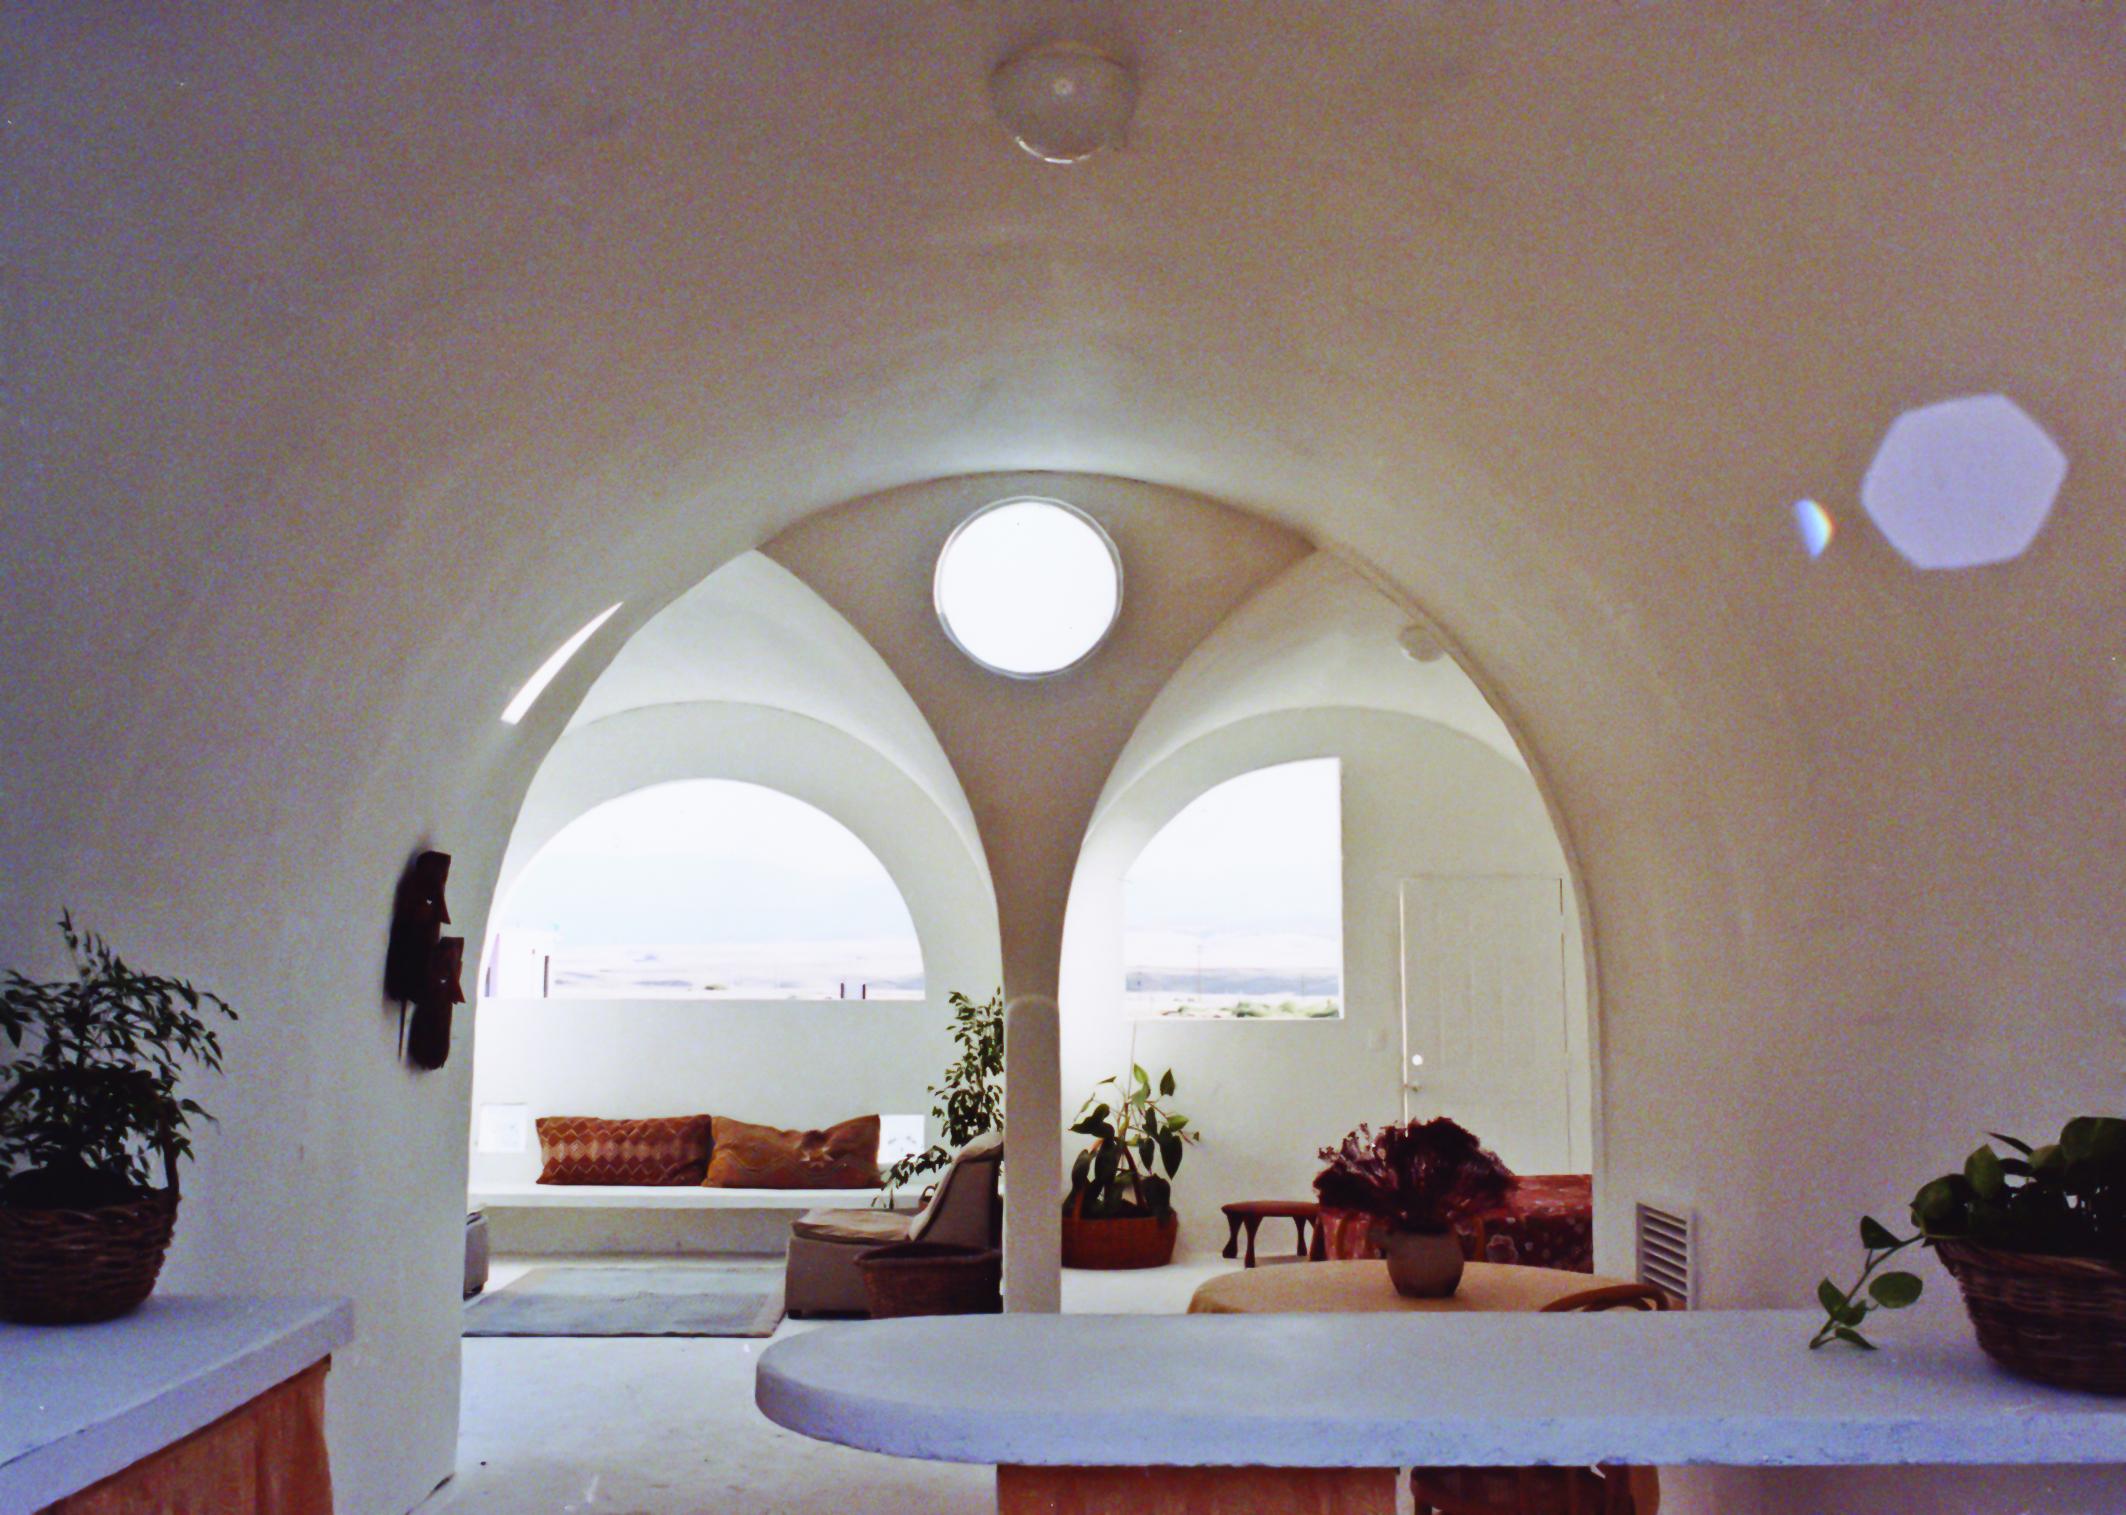 سازه های ابرخشت خلیلی که سال 1984 به عنوان راه حلی برای سکونتگاههای فضایی پیشنهاد شده بود، به شدت یادآور نوستالژی بناهای چندگانه سینمایی «جنگ ستارگان» است.